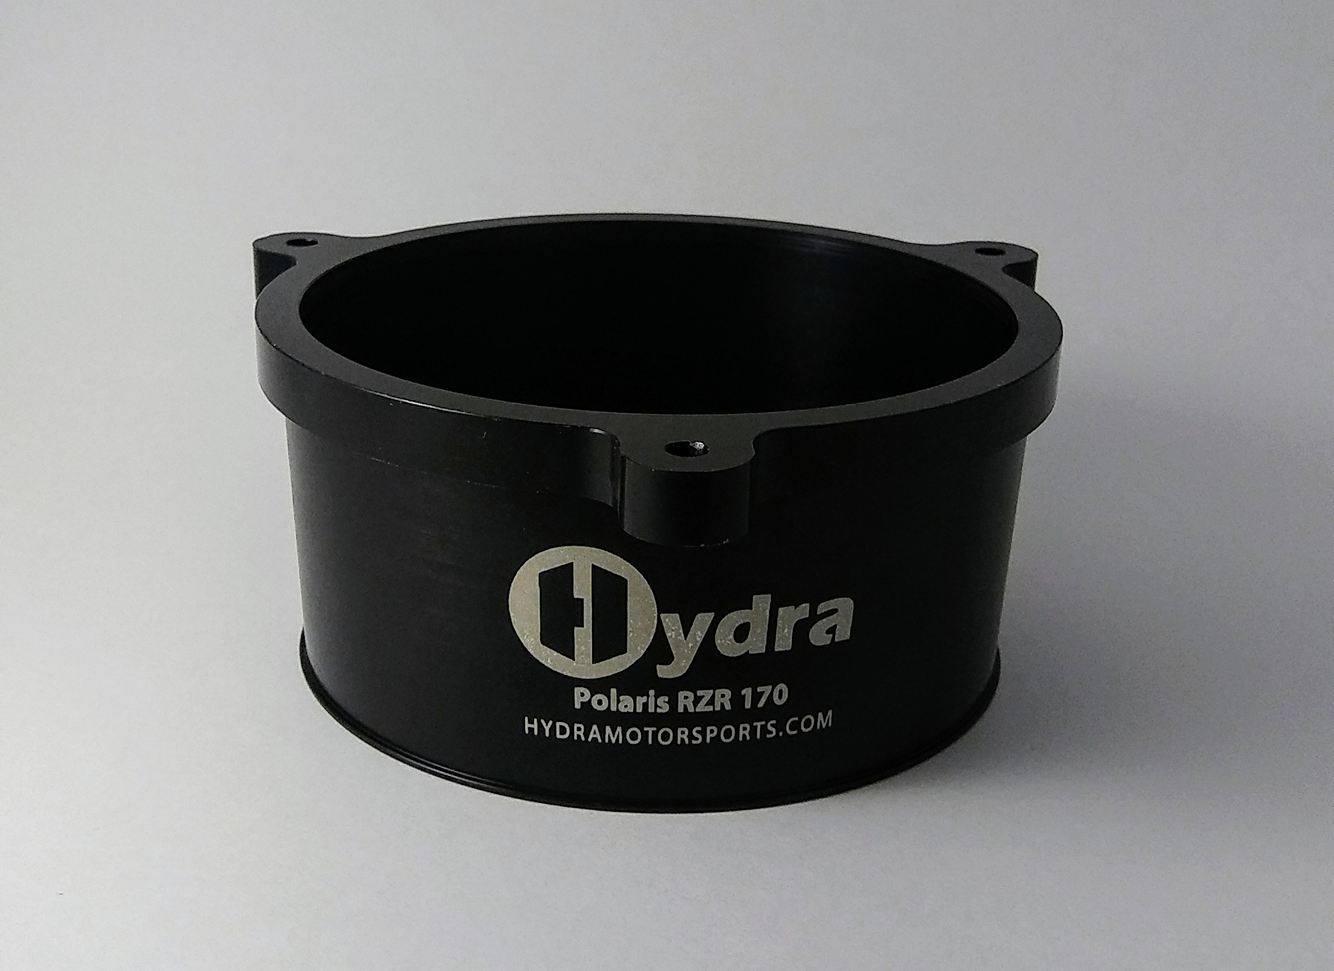 Polaris RZR 170 Cooling Fan Adapter  Fan shroud side - Hydra Motorsports